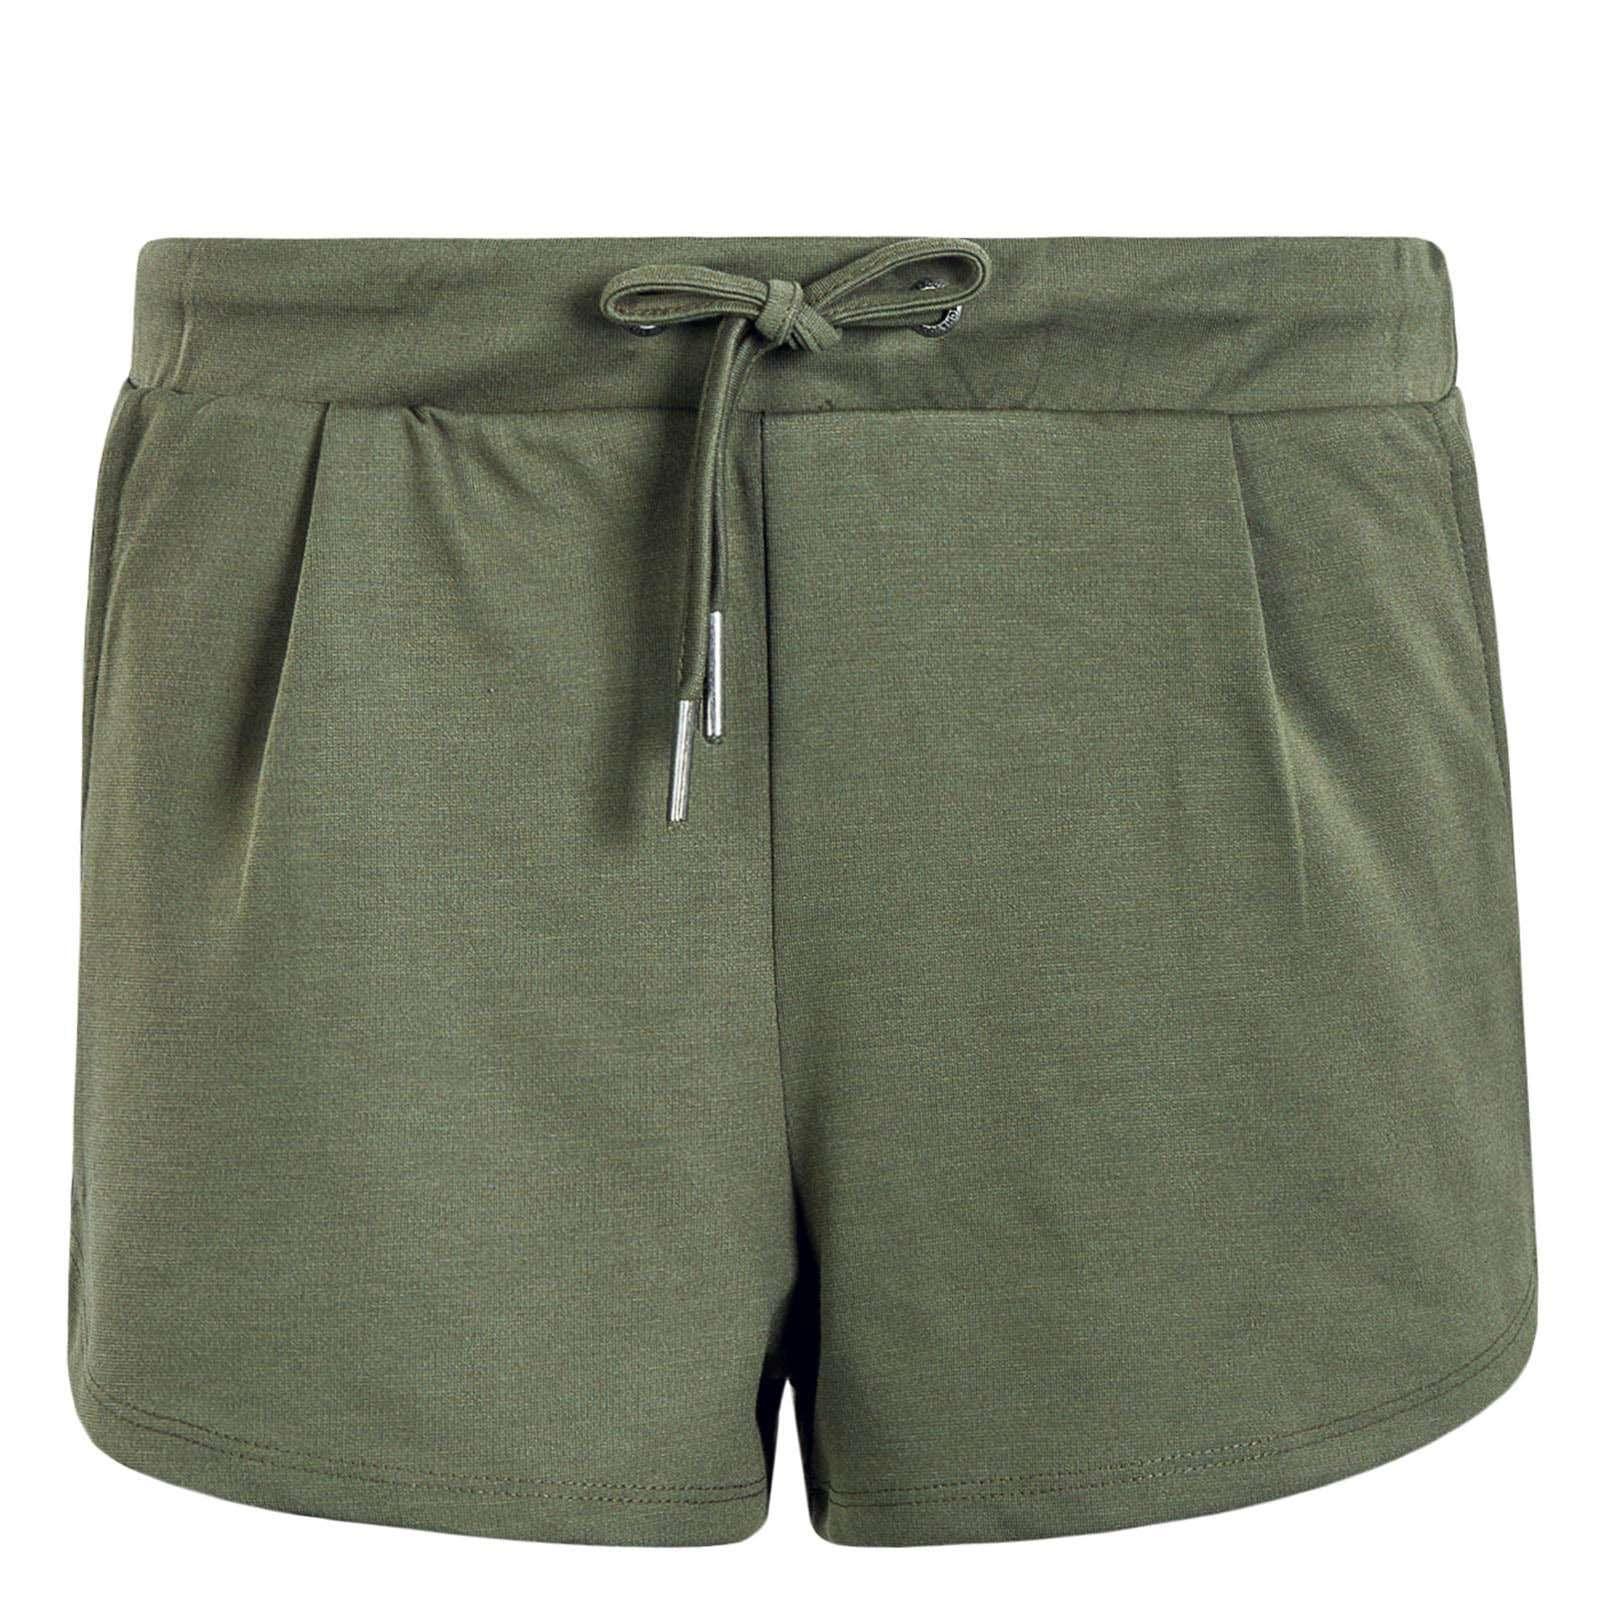 927ce3443b25a8 olivfarbene Damen Short von Stitch & Soul online kaufen | BodycheckShort |  Hosen | Bekleidung | Frauen | Bodycheck